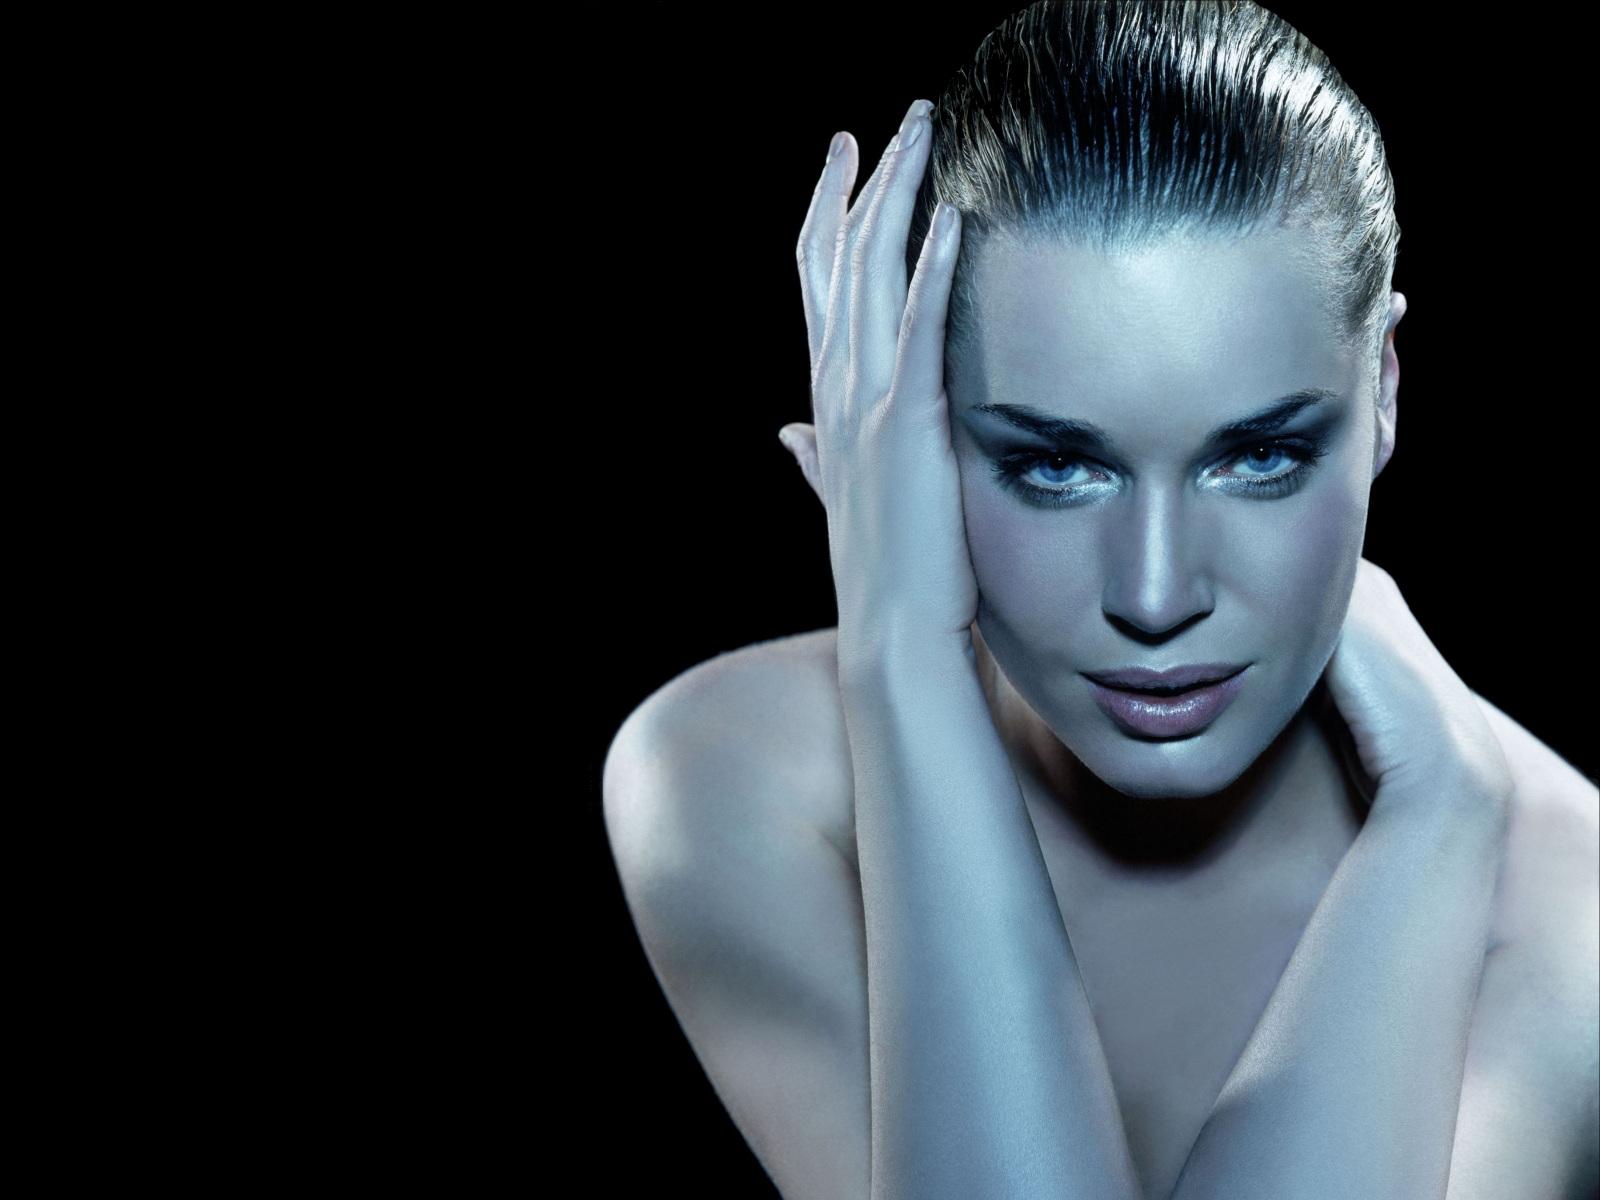 http://4.bp.blogspot.com/-b-ESr-U158s/TZXjQ_XyqEI/AAAAAAAABtM/6yvnXMA_tdM/s1600/Rebecca_Romijn.jpg